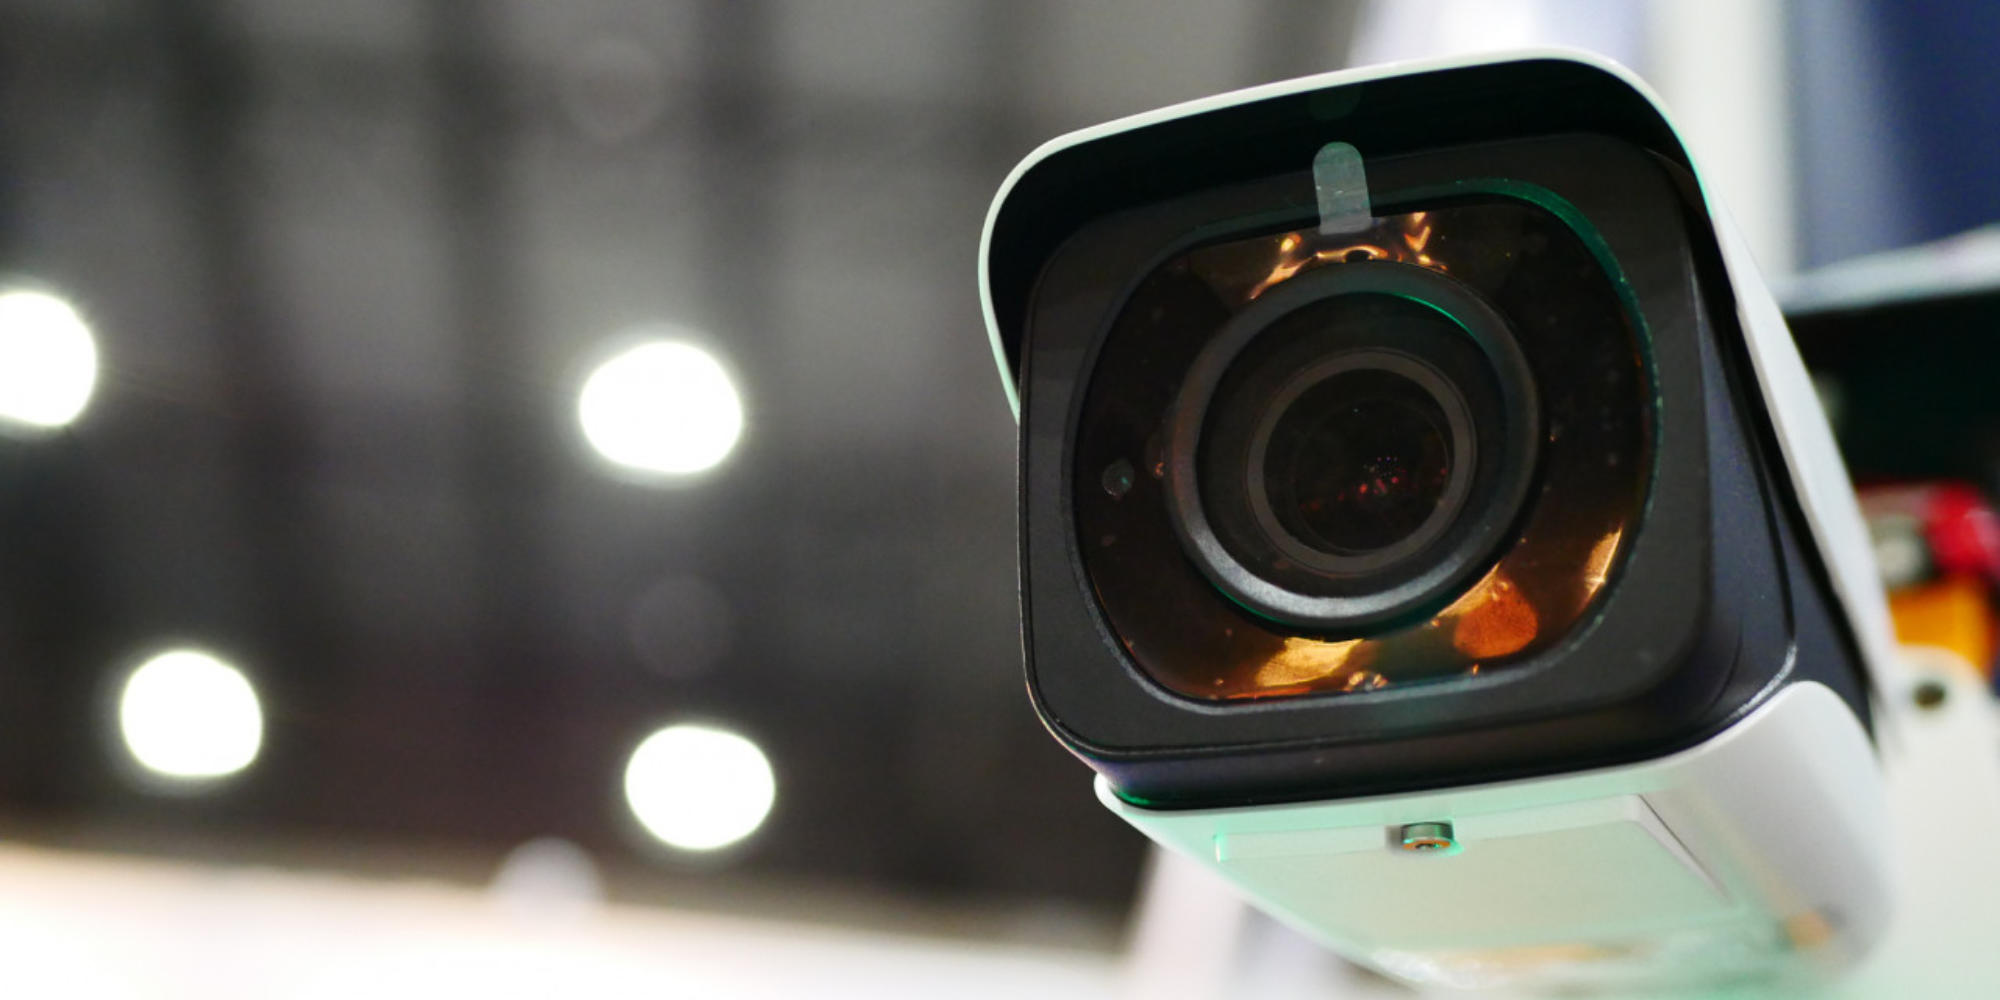 Vers une vidéo-surveillance plus intelligente ?